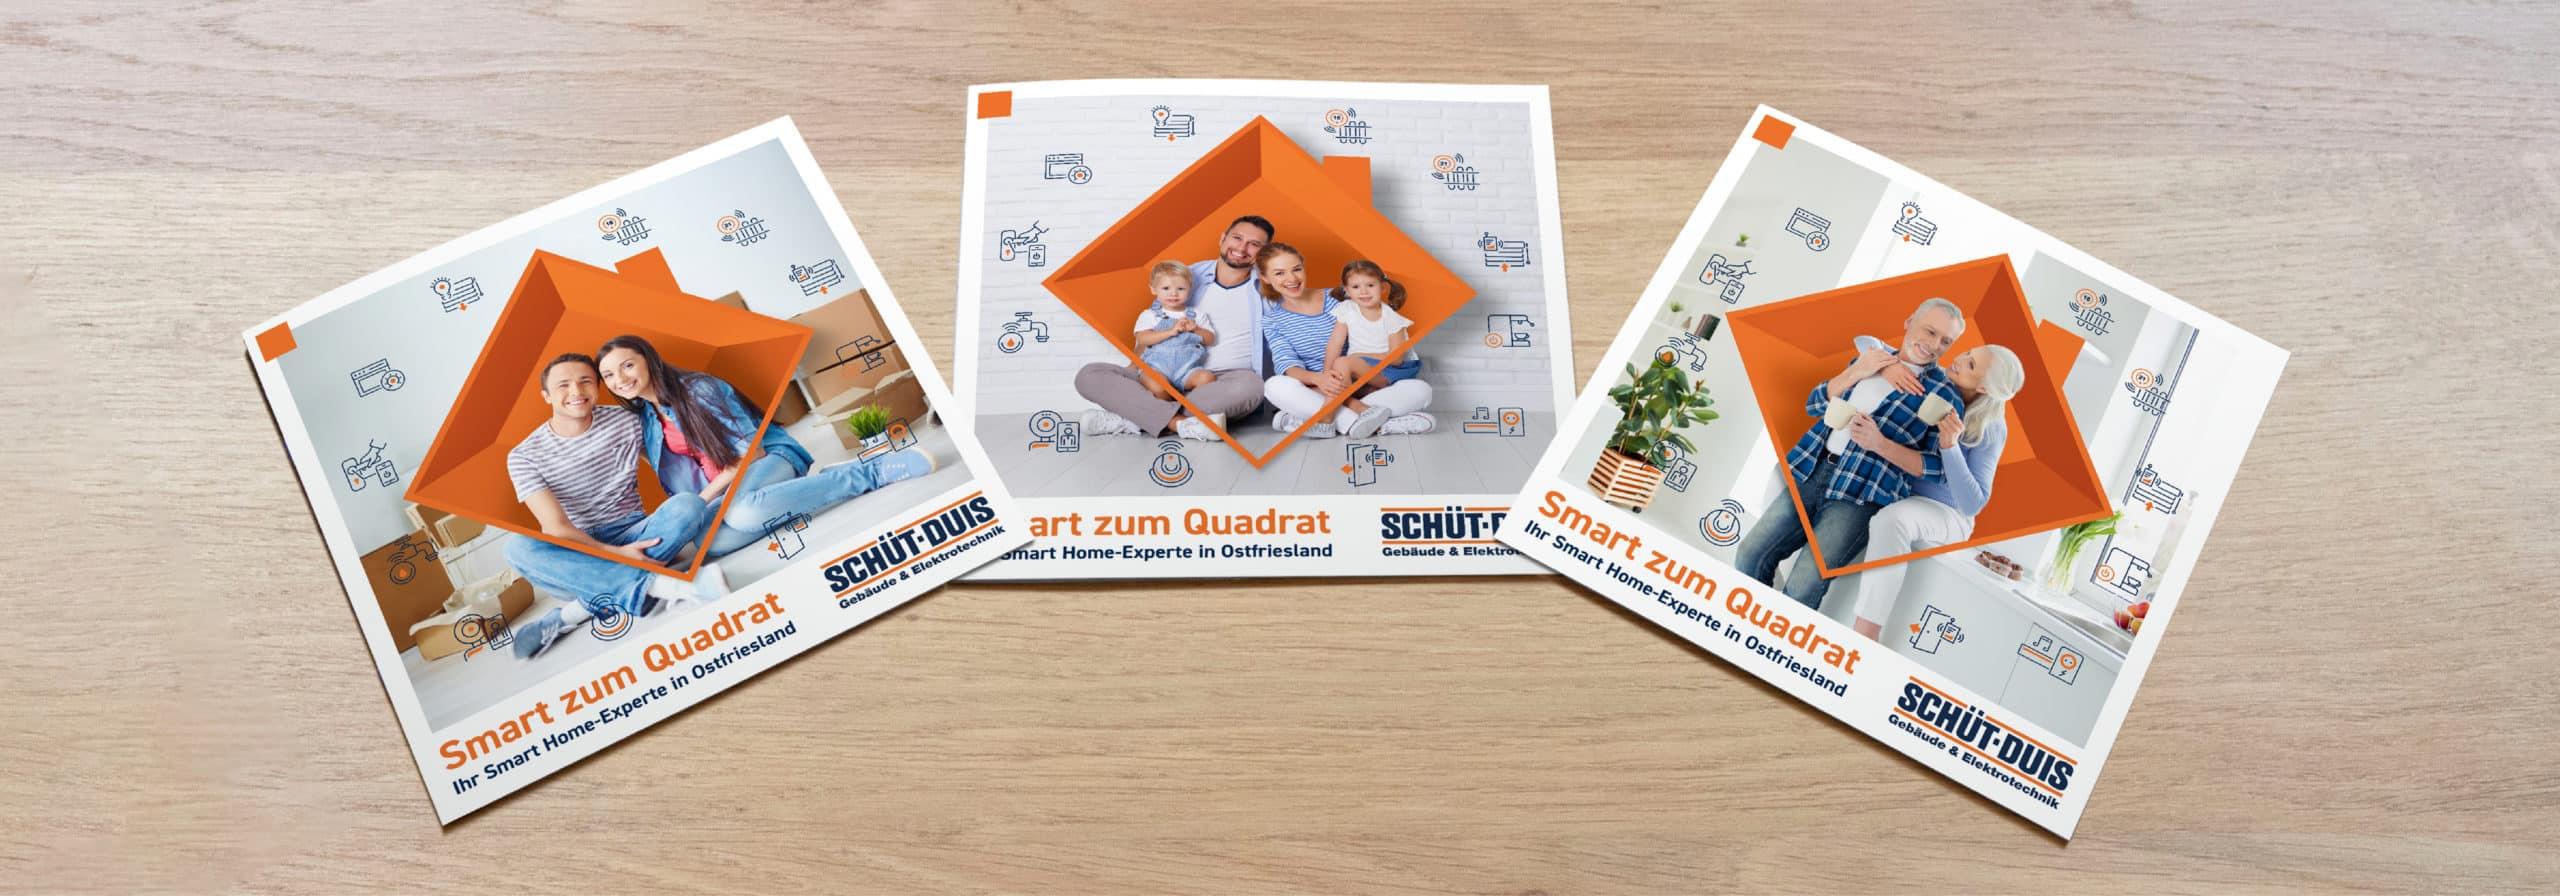 Designstuuv Referenzen Broschuere Schuet Duis